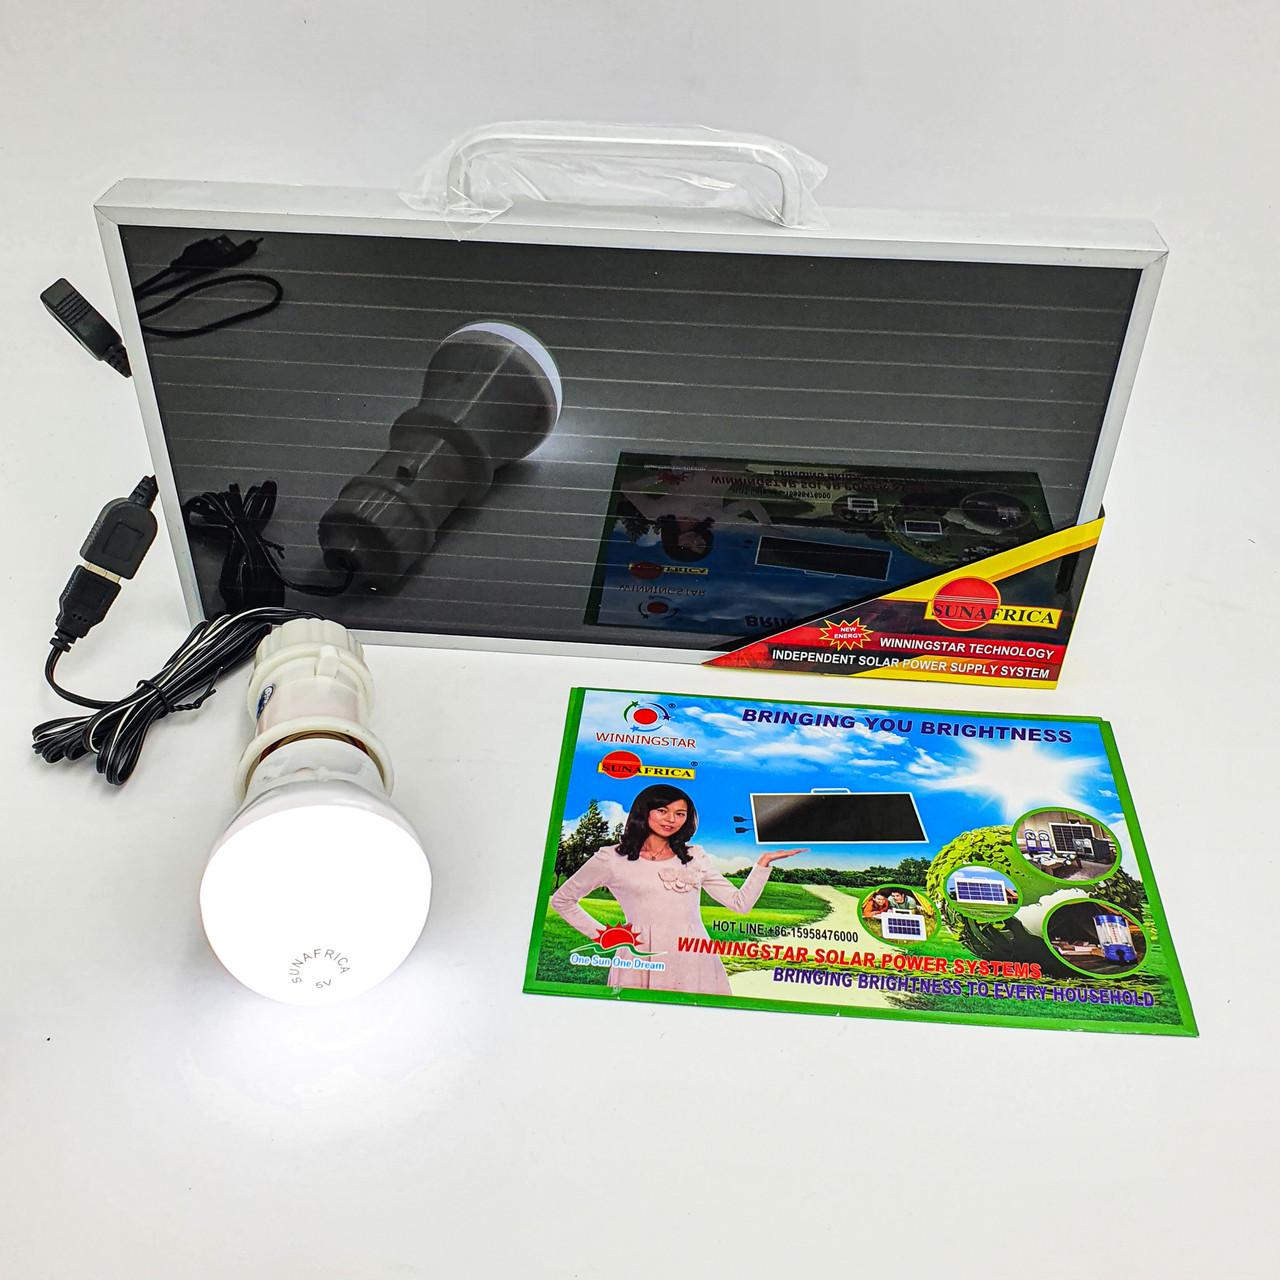 Портативный походный набор Солнечная панель с LED лампочкой и аккумулятором для зарядки гаджетов 3,5 W 6 V